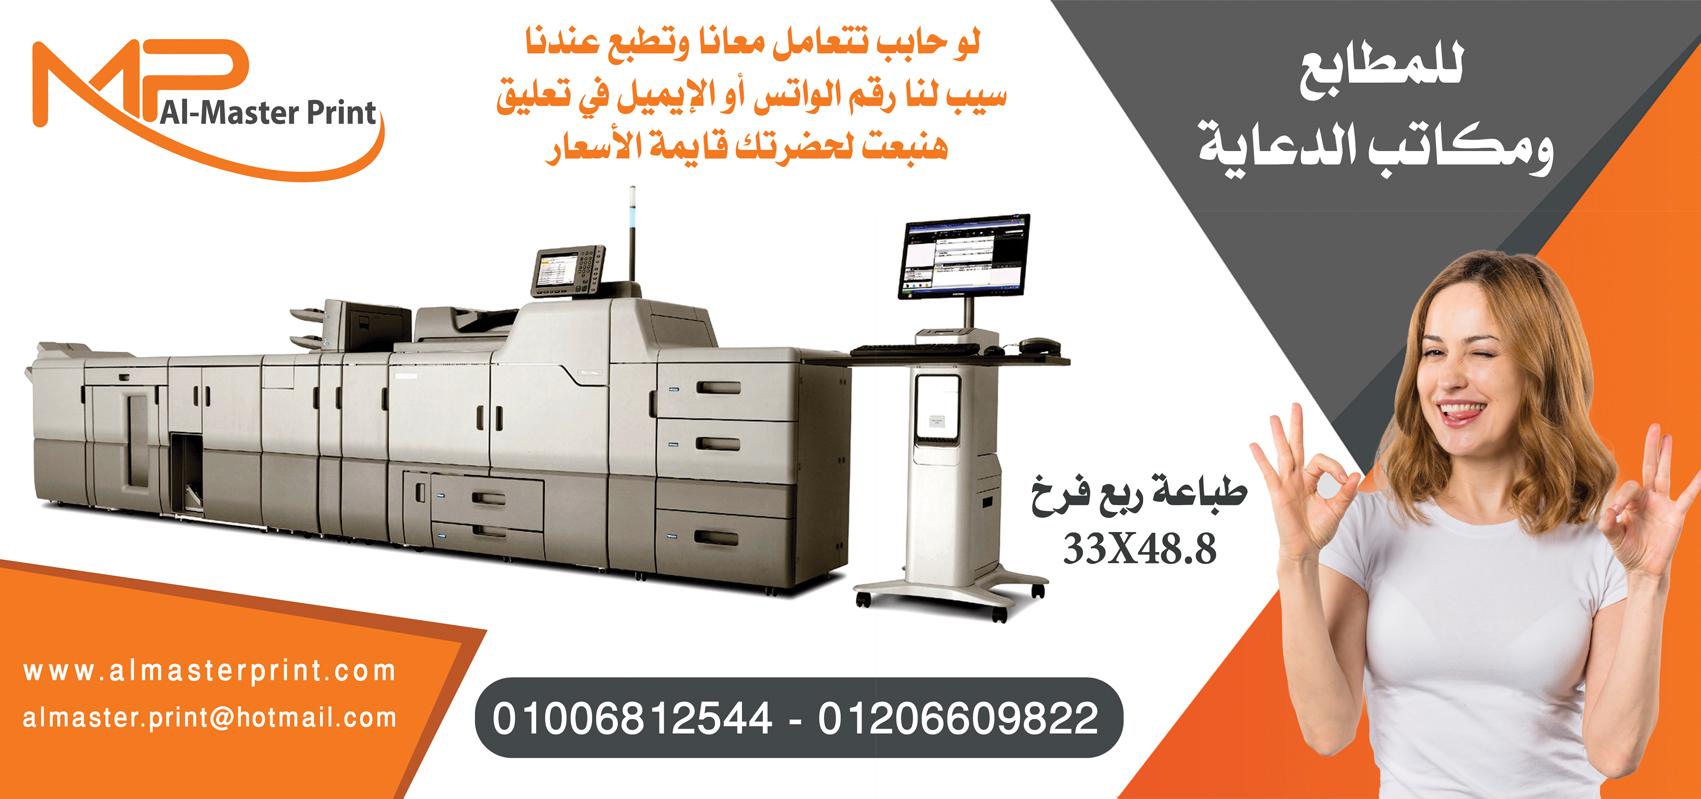 طباعة جميع الأعمال التسويقية والمكتبية أي عدد - أعلى جودة - أقل سعر - تسليم فى الحال Tel: 01006812544 & 01206609822 almaster.print@hotmail.com www.almasterprint.com